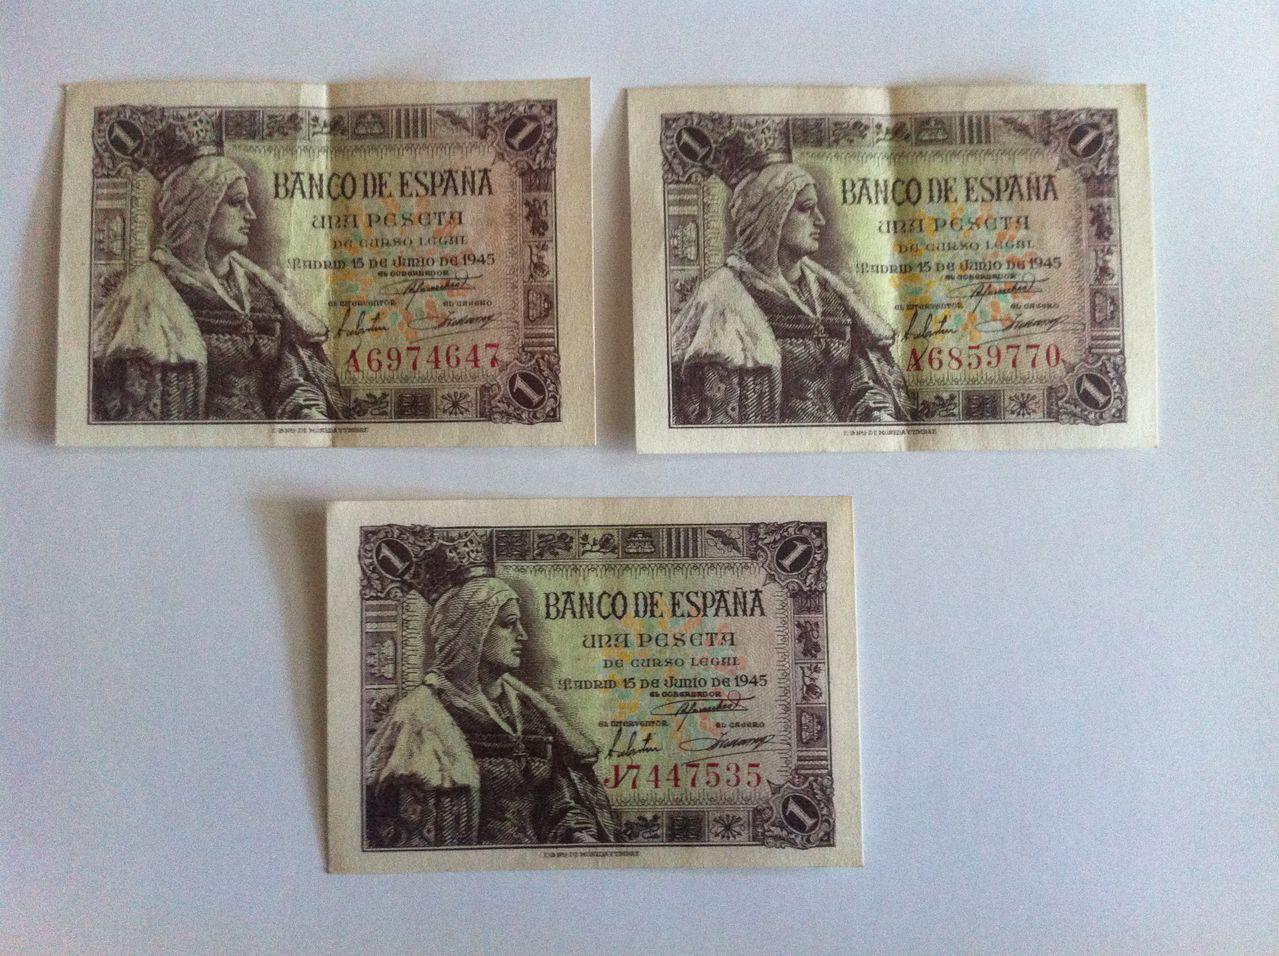 Ayuda para valorar coleccion de billetes IMG_4946